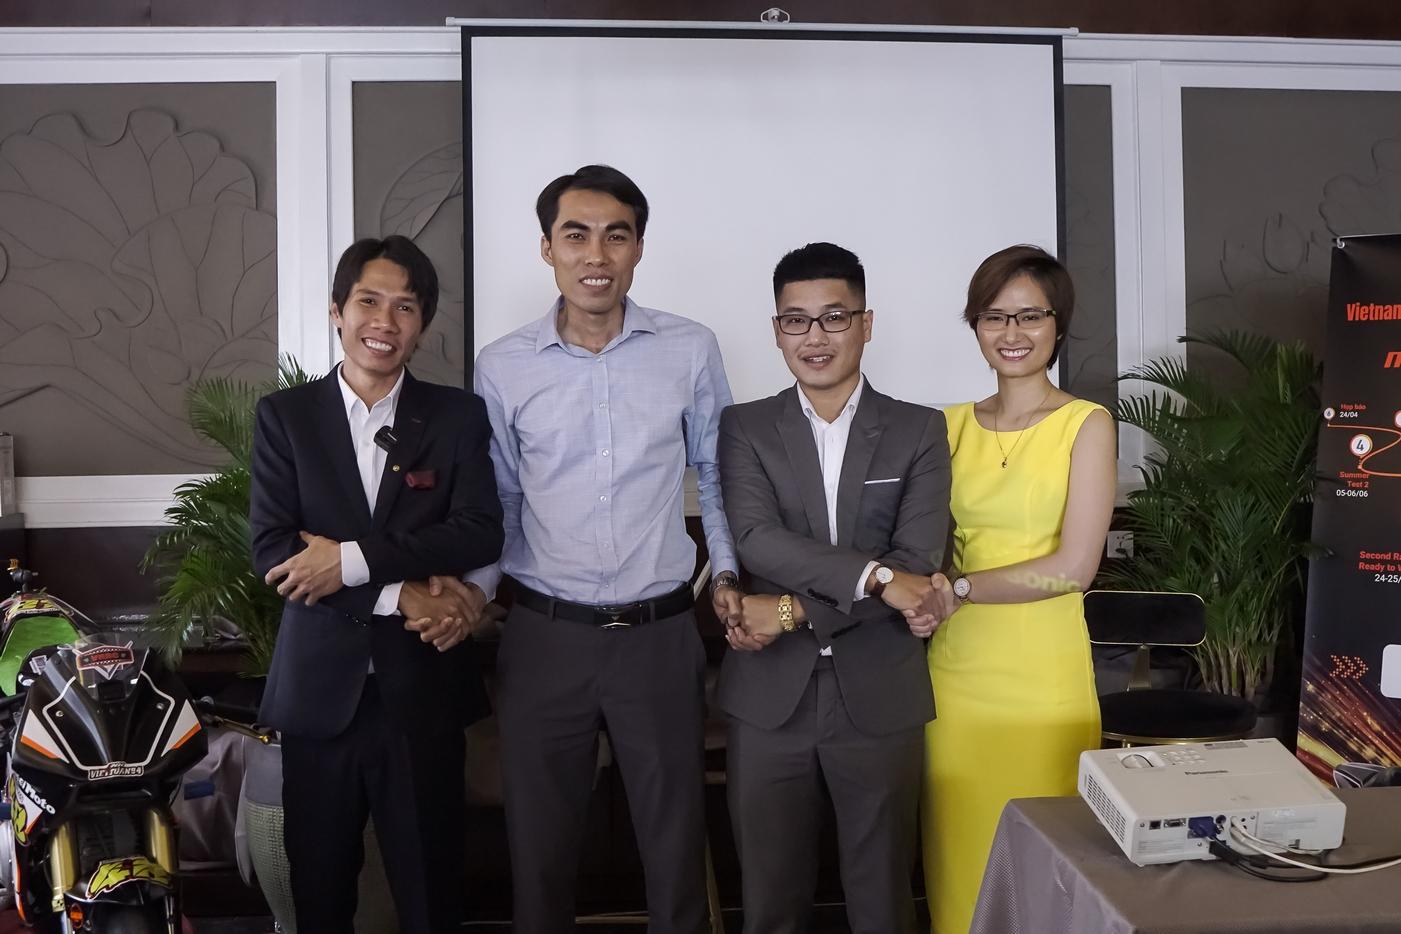 Khởi động Giải đua xe thể thao Việt Nam VRRC 2021 Vietnam Round Racing Championship 2021 (8).jpg